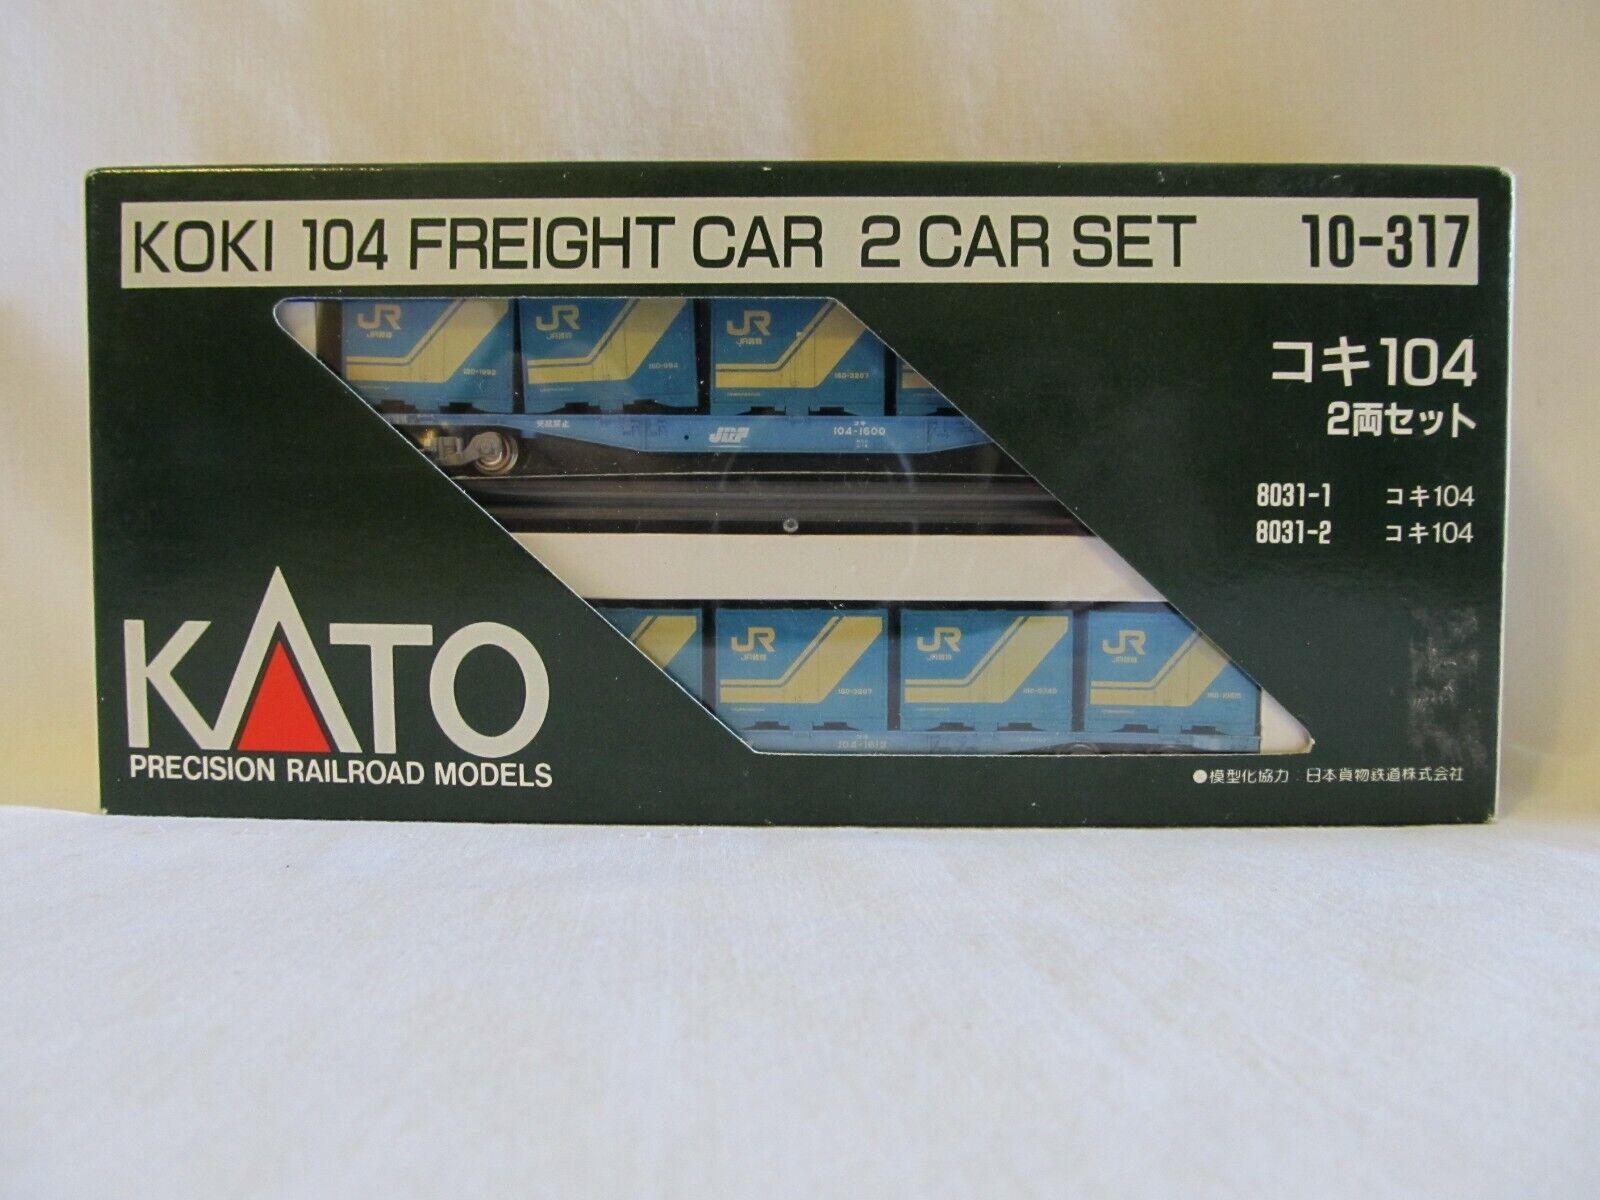 envío rápido en todo el mundo KATO 10-317 KOKI KOKI KOKI 104 FREIGHT Coche 2-Coche SET  ahorra 50% -75% de descuento